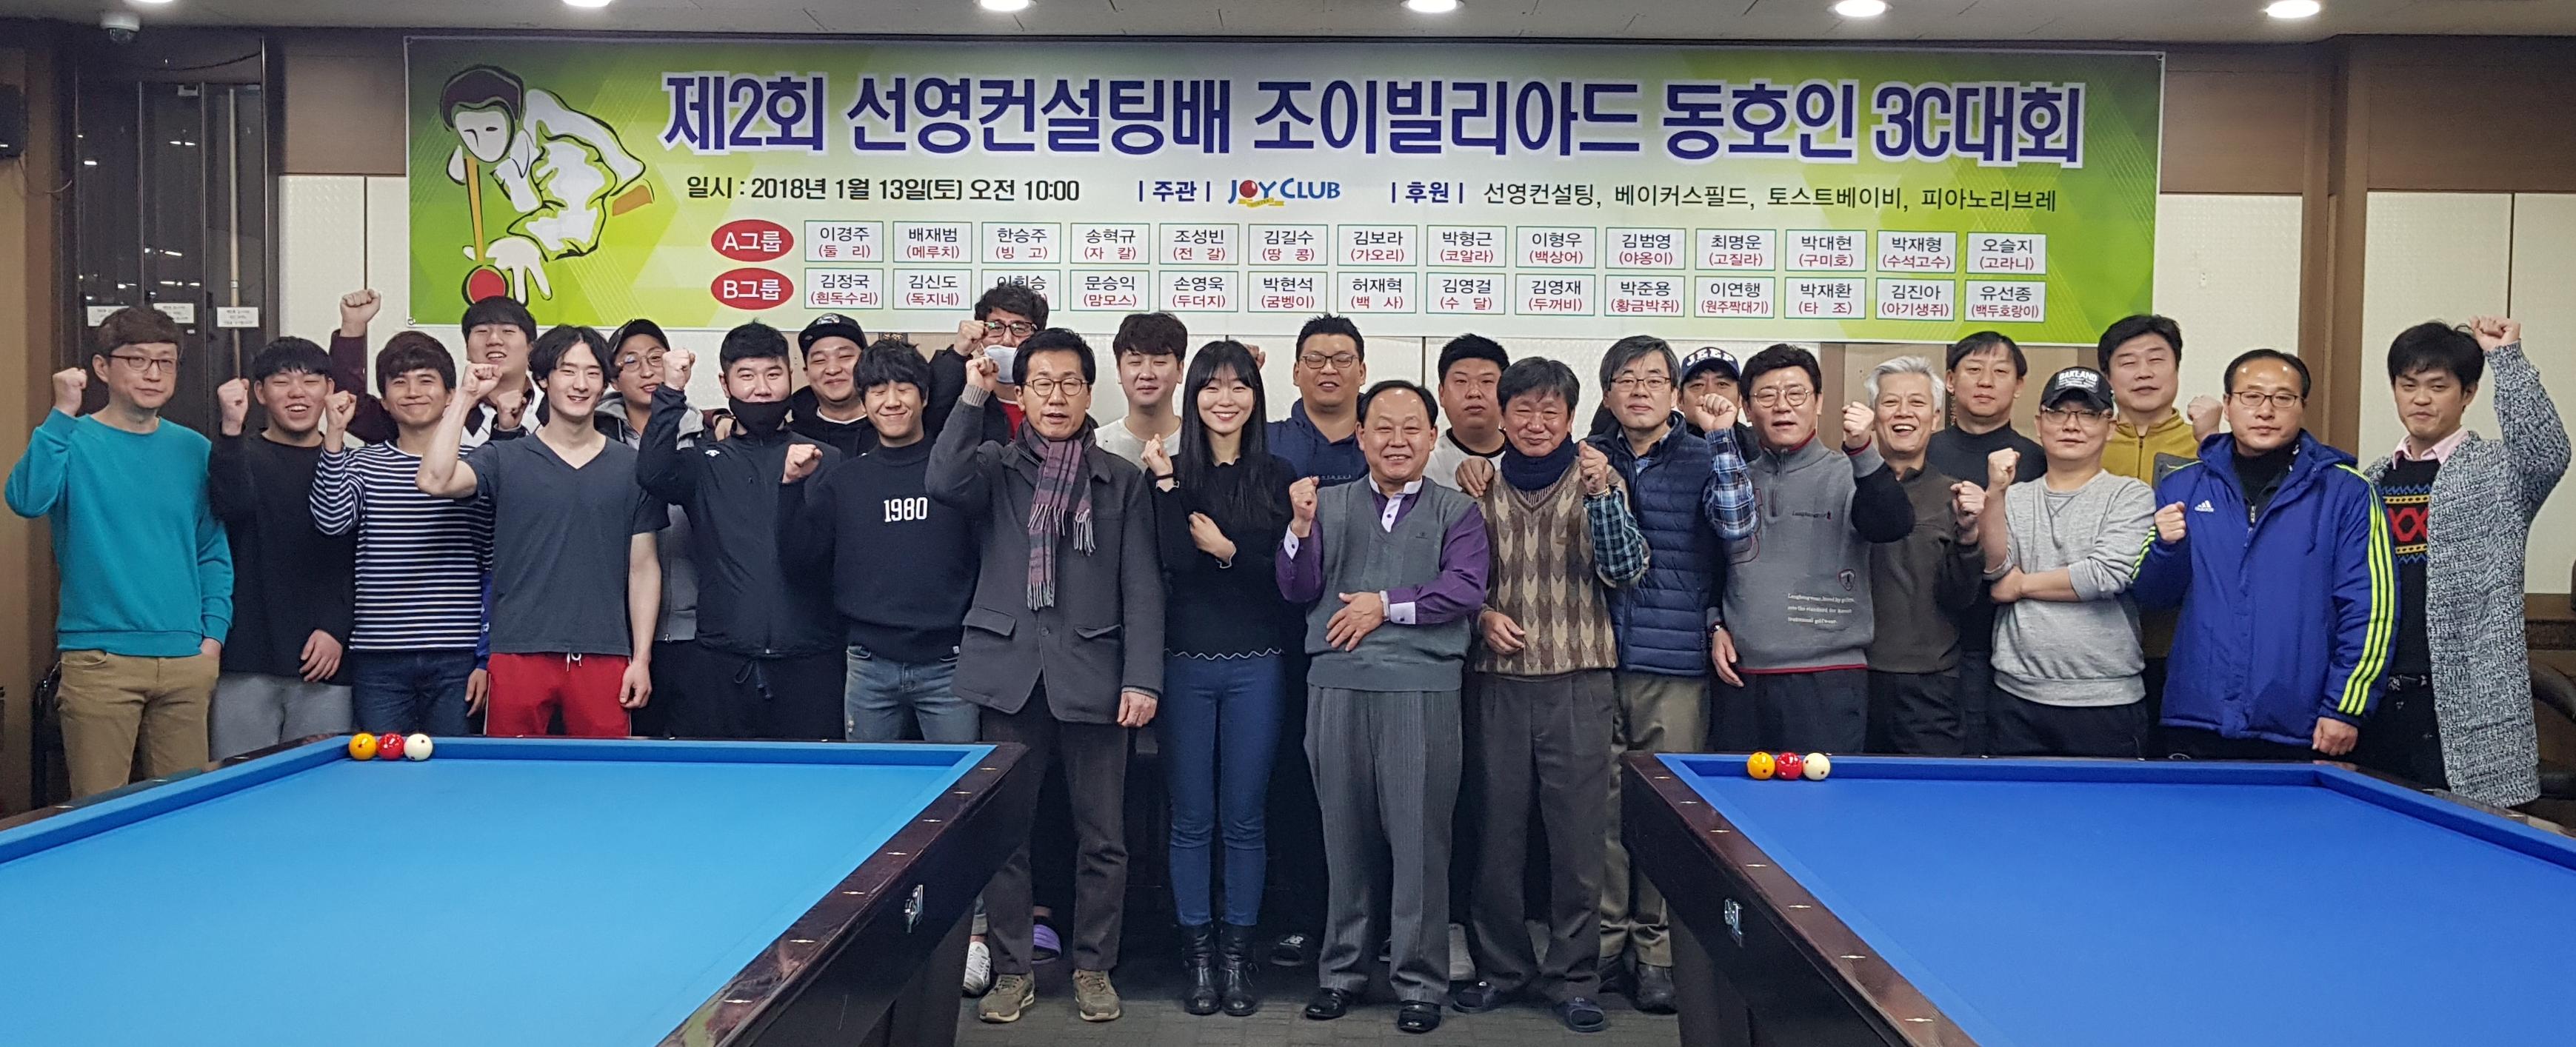 '총상금 1000만원' 동호인3쿠션대회서 송혁규 우승